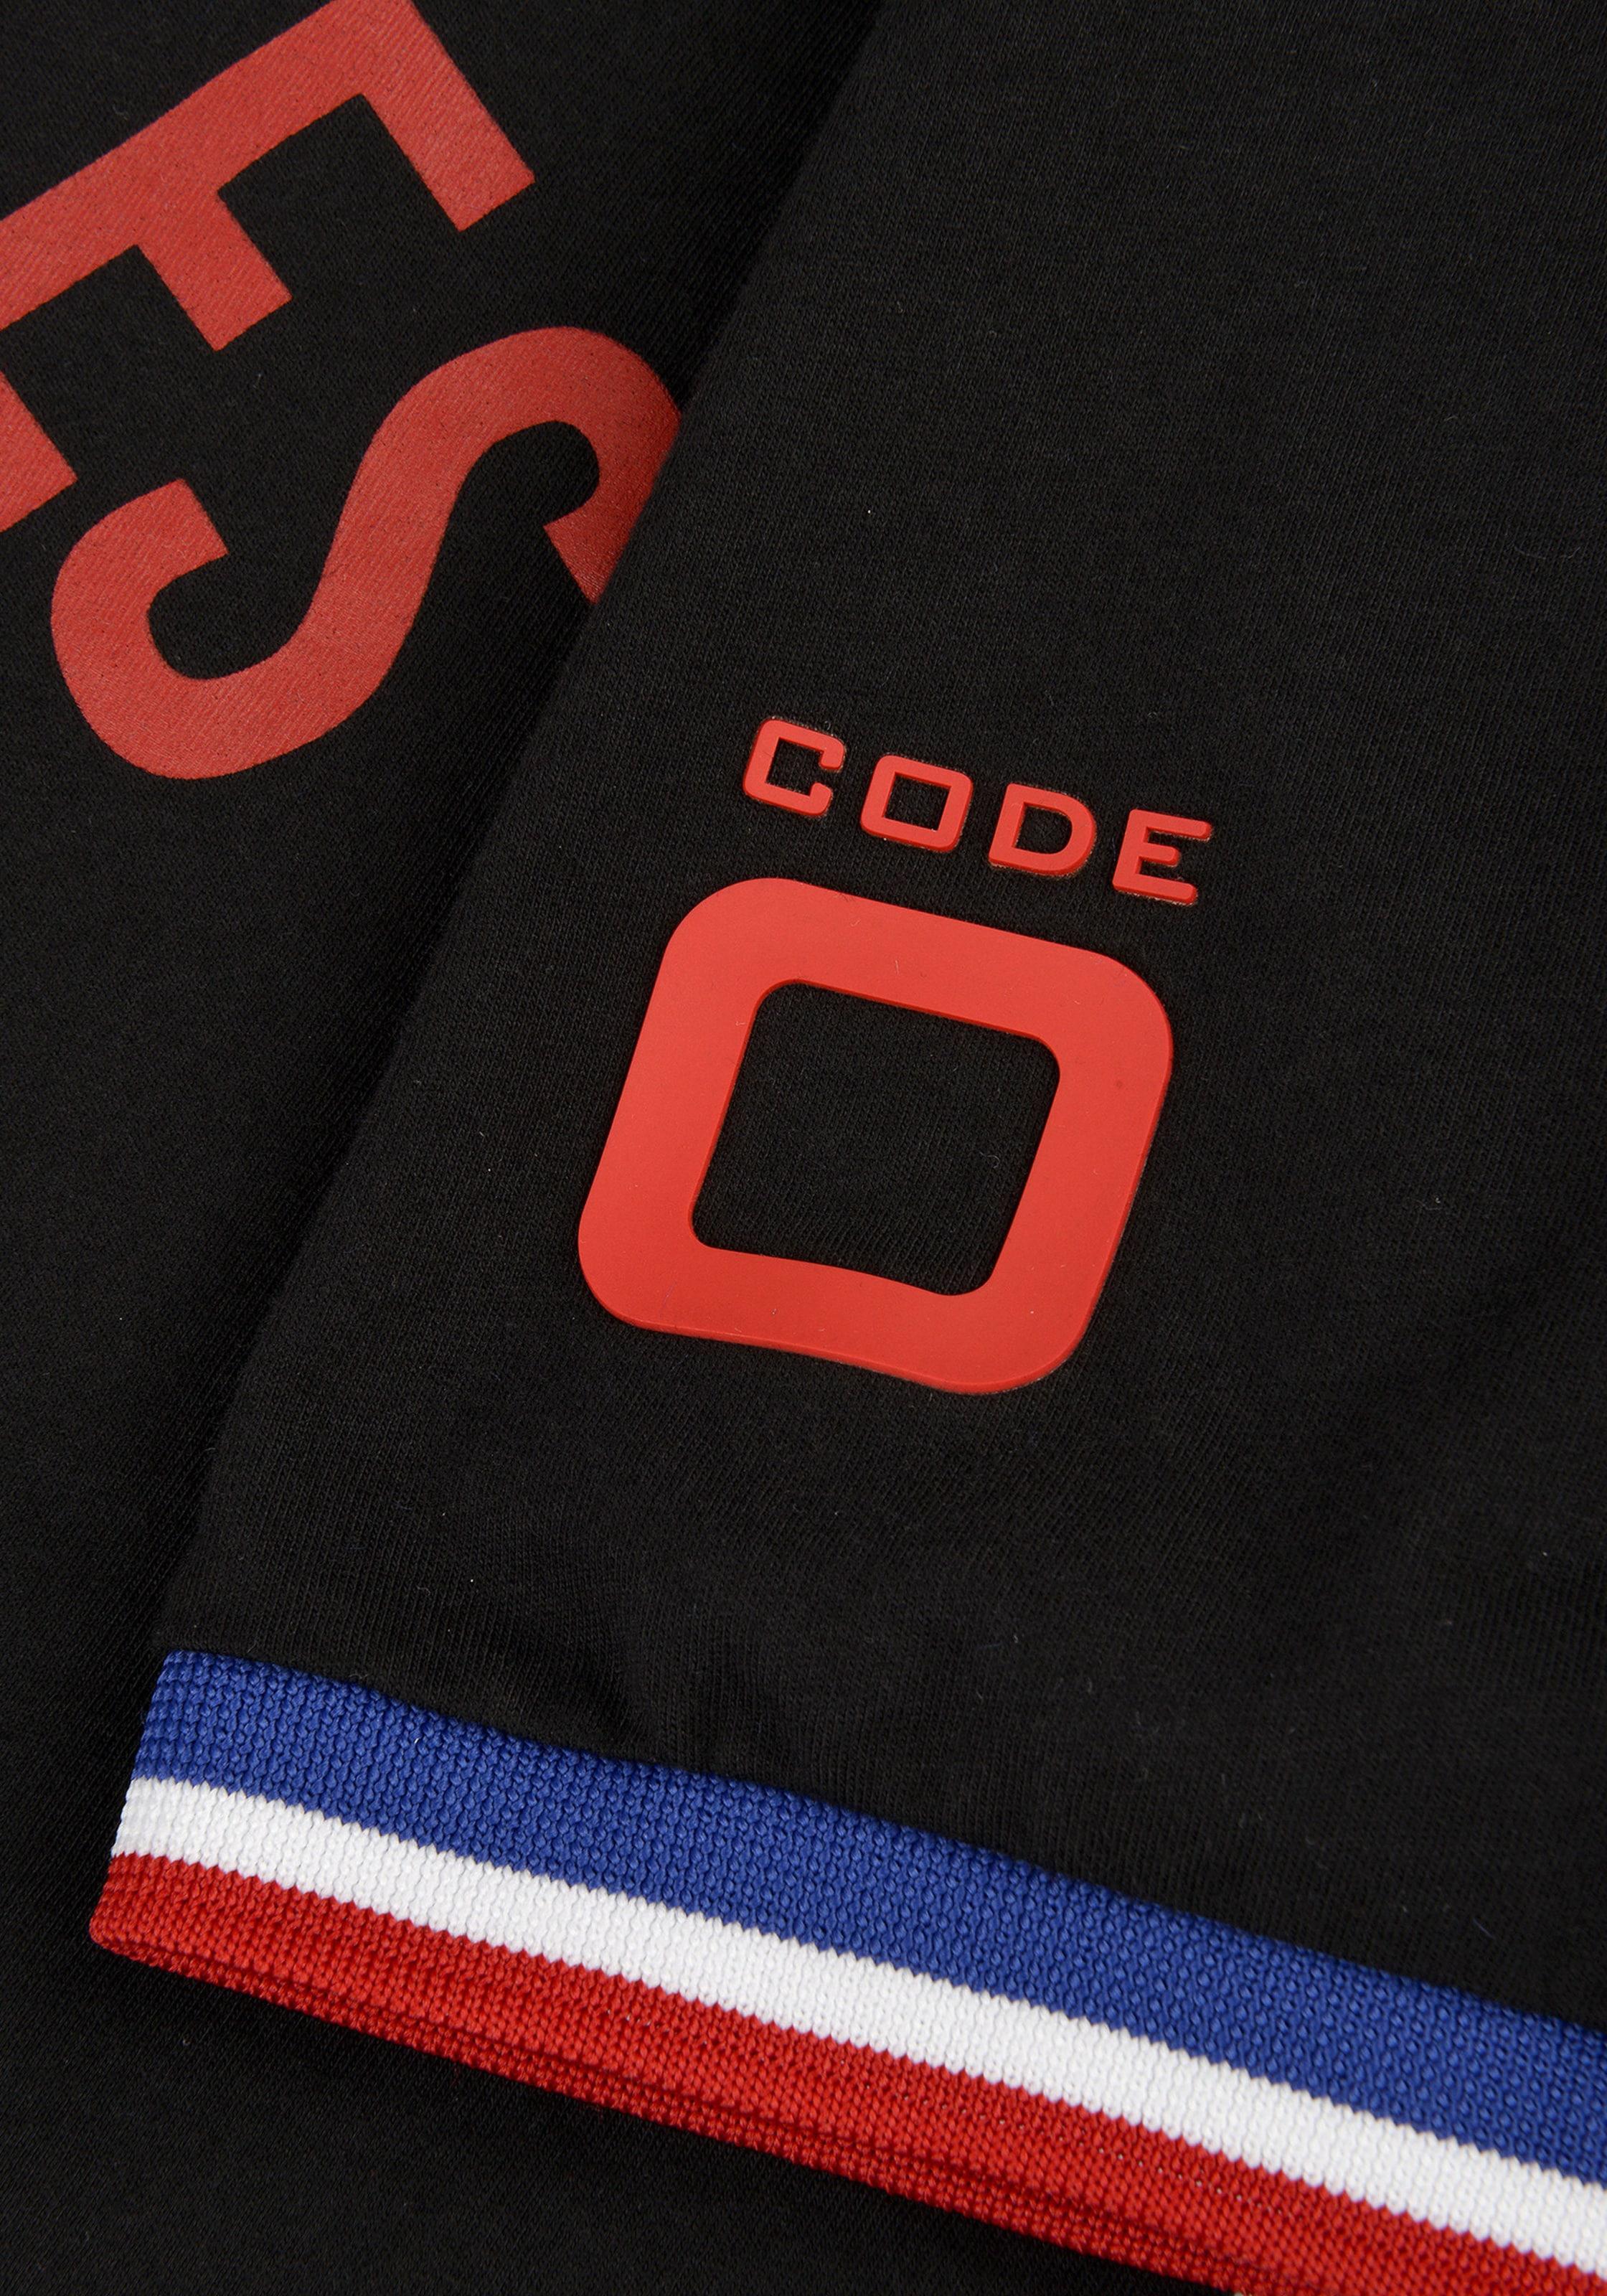 In Port zero 'ss OrangeOrangerot T Code Vauban' Schwarz shirt n8wNOvm0